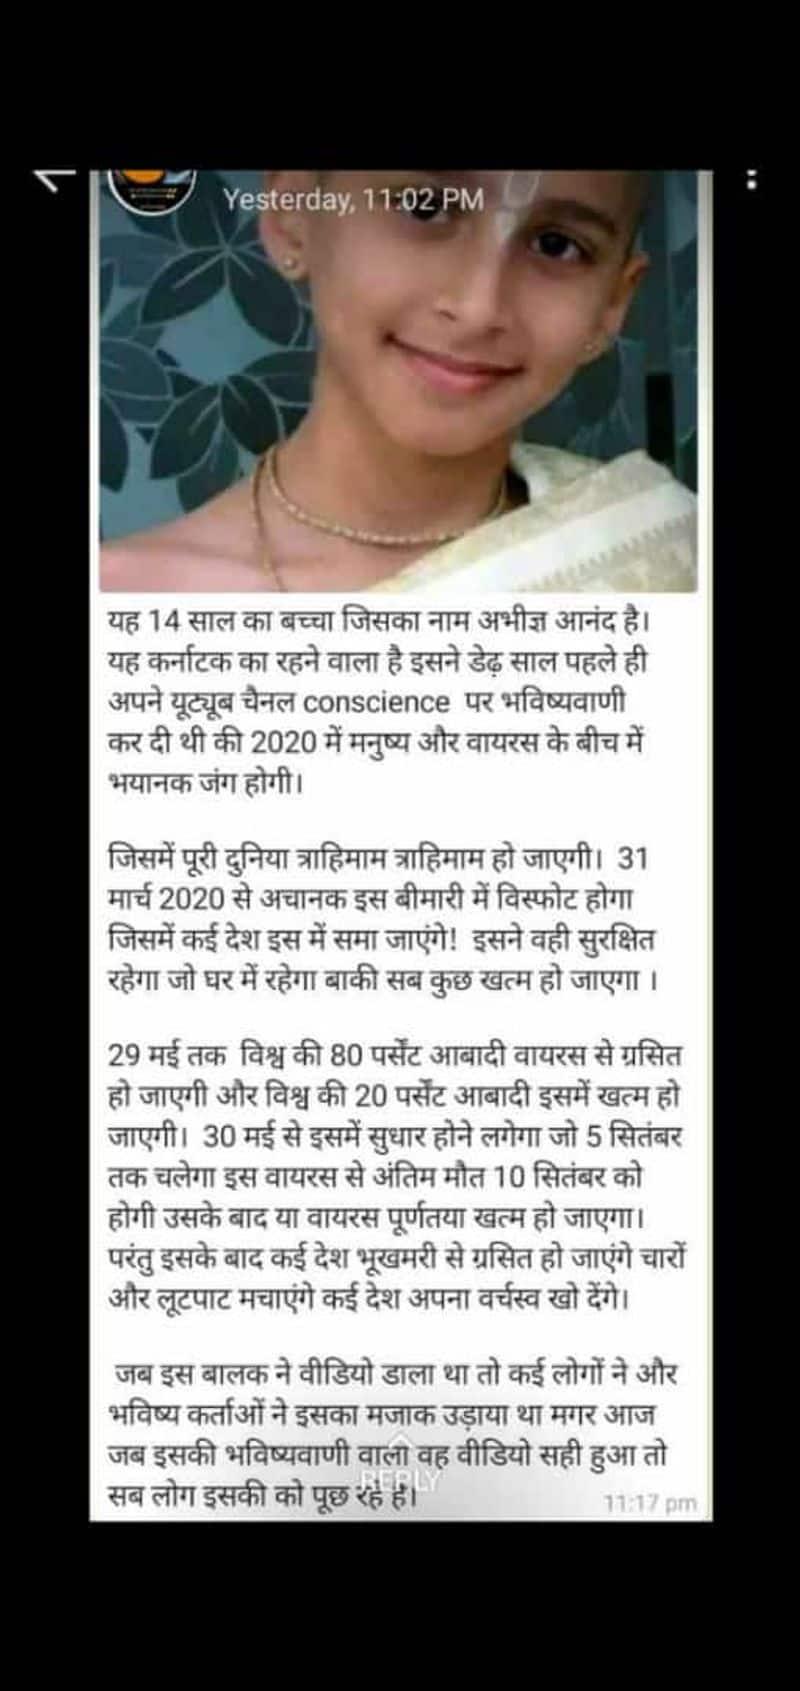 <p><strong>वायरल पोस्ट क्या है?&nbsp;</strong></p>  <p>&nbsp;</p>  <p>सोशल मीडया पर 14 साल के एक बच्चे की तस्वीर के साथ उसकी भविष्यवाणी साझा की जा रही है। कर्नाटक के रहने वाले अभीज्ञ आनंद नाम के इस बच्चे ने एक साल पहले ही अपने यूट्यूब चैनल पर कोरोना वायरस की भविष्यवाणी कर दी थी। डेढ़ साल पहले इस बच्चे का मज़ाक उड़ाया गया था लेकिन अब इसकी बातें सही साबित हो रही हैं।&nbsp;</p>